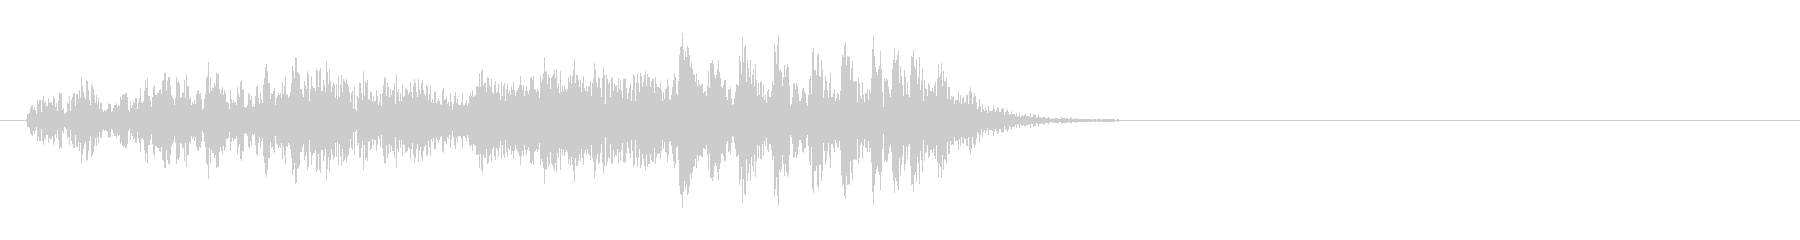 スチールドラムの長い上昇音【キラキラ・・の未再生の波形